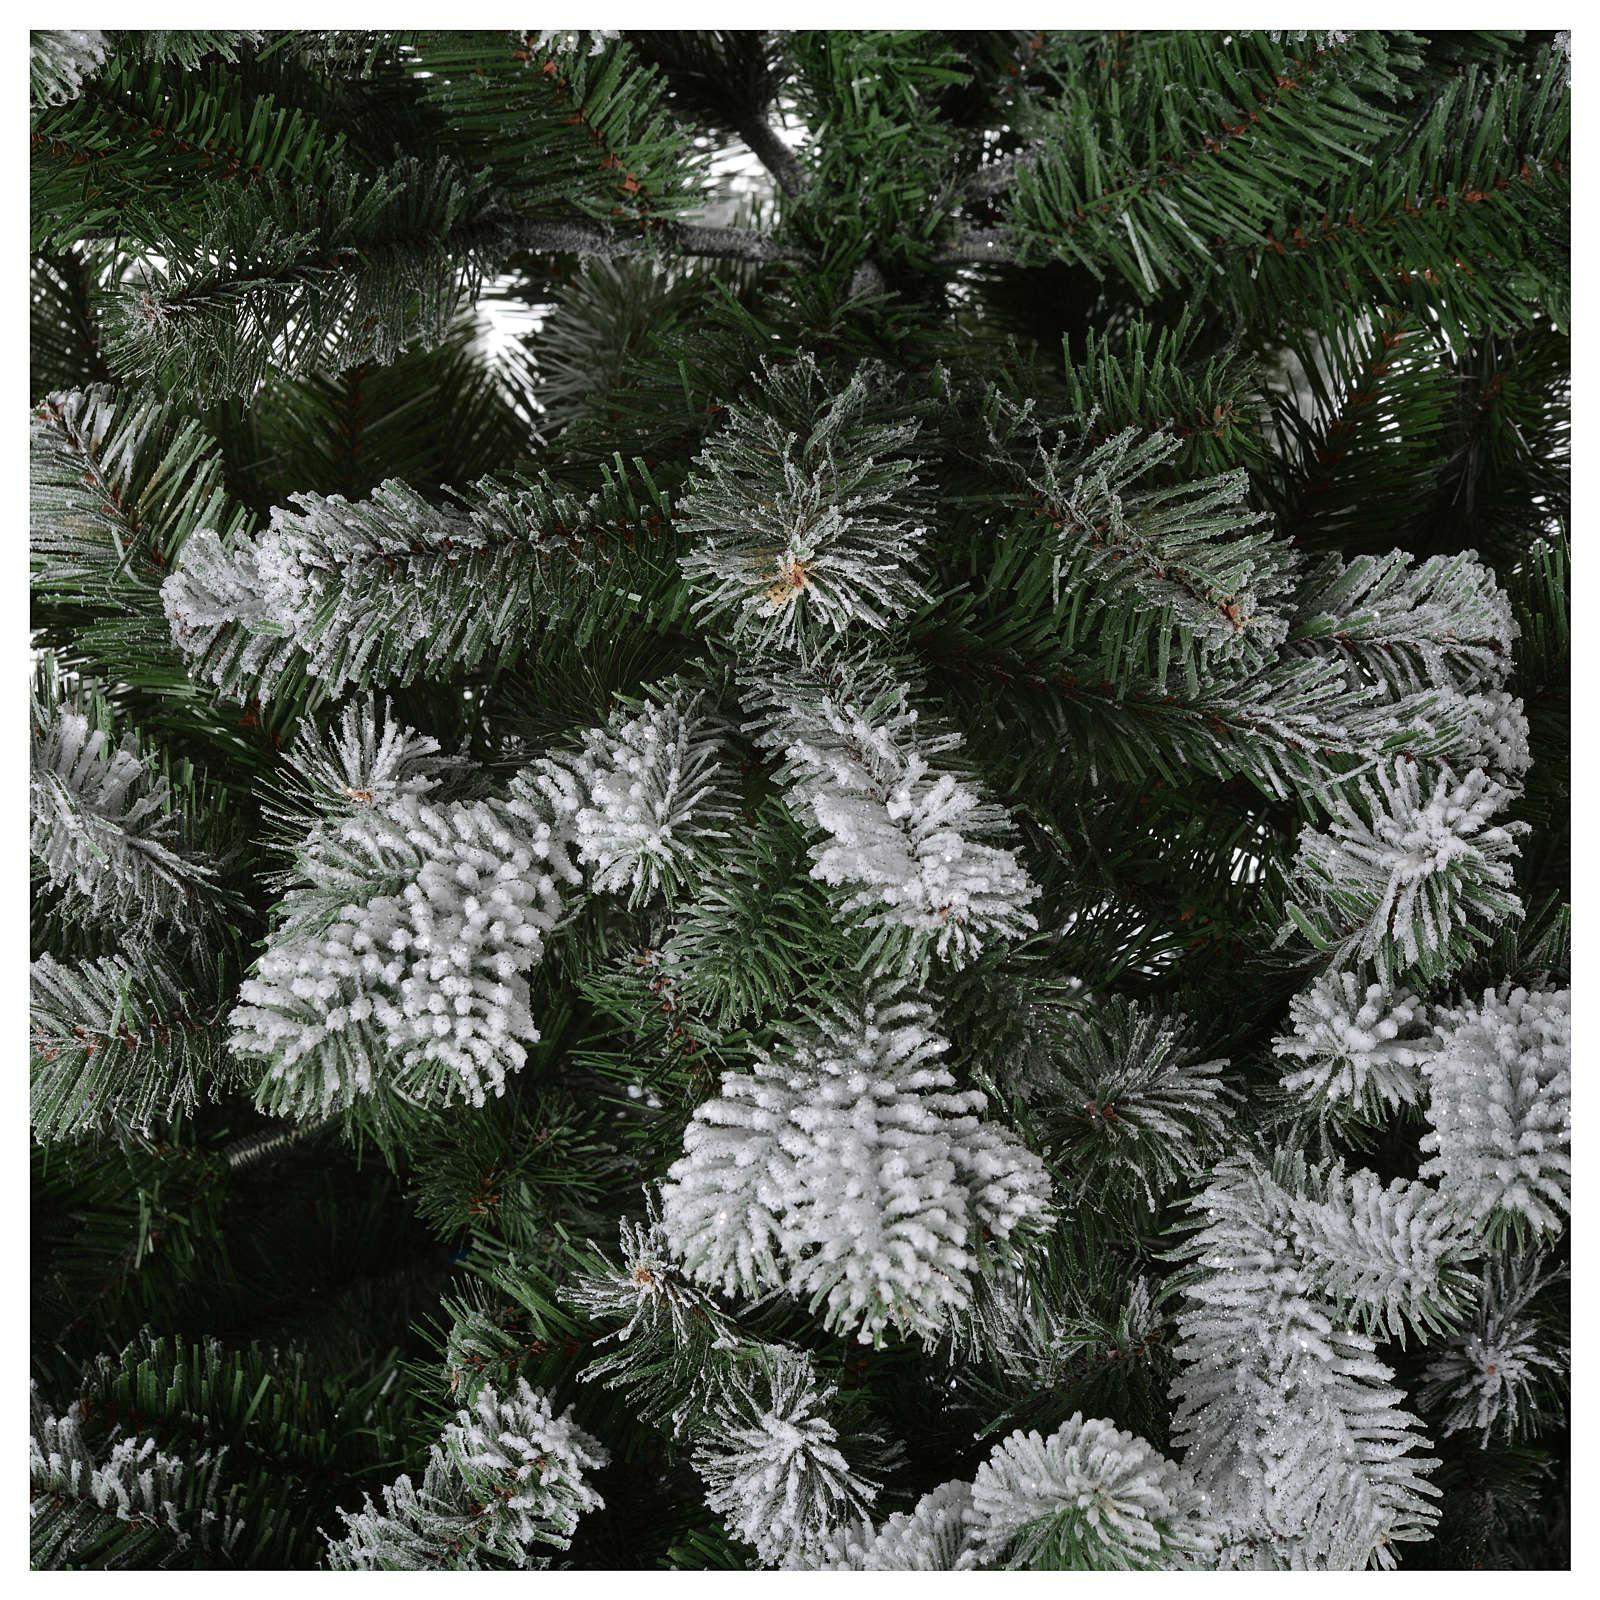 Grüner Weihnachstbaum mit Schnee und Glitter 210cm Mod. Sheffield 3